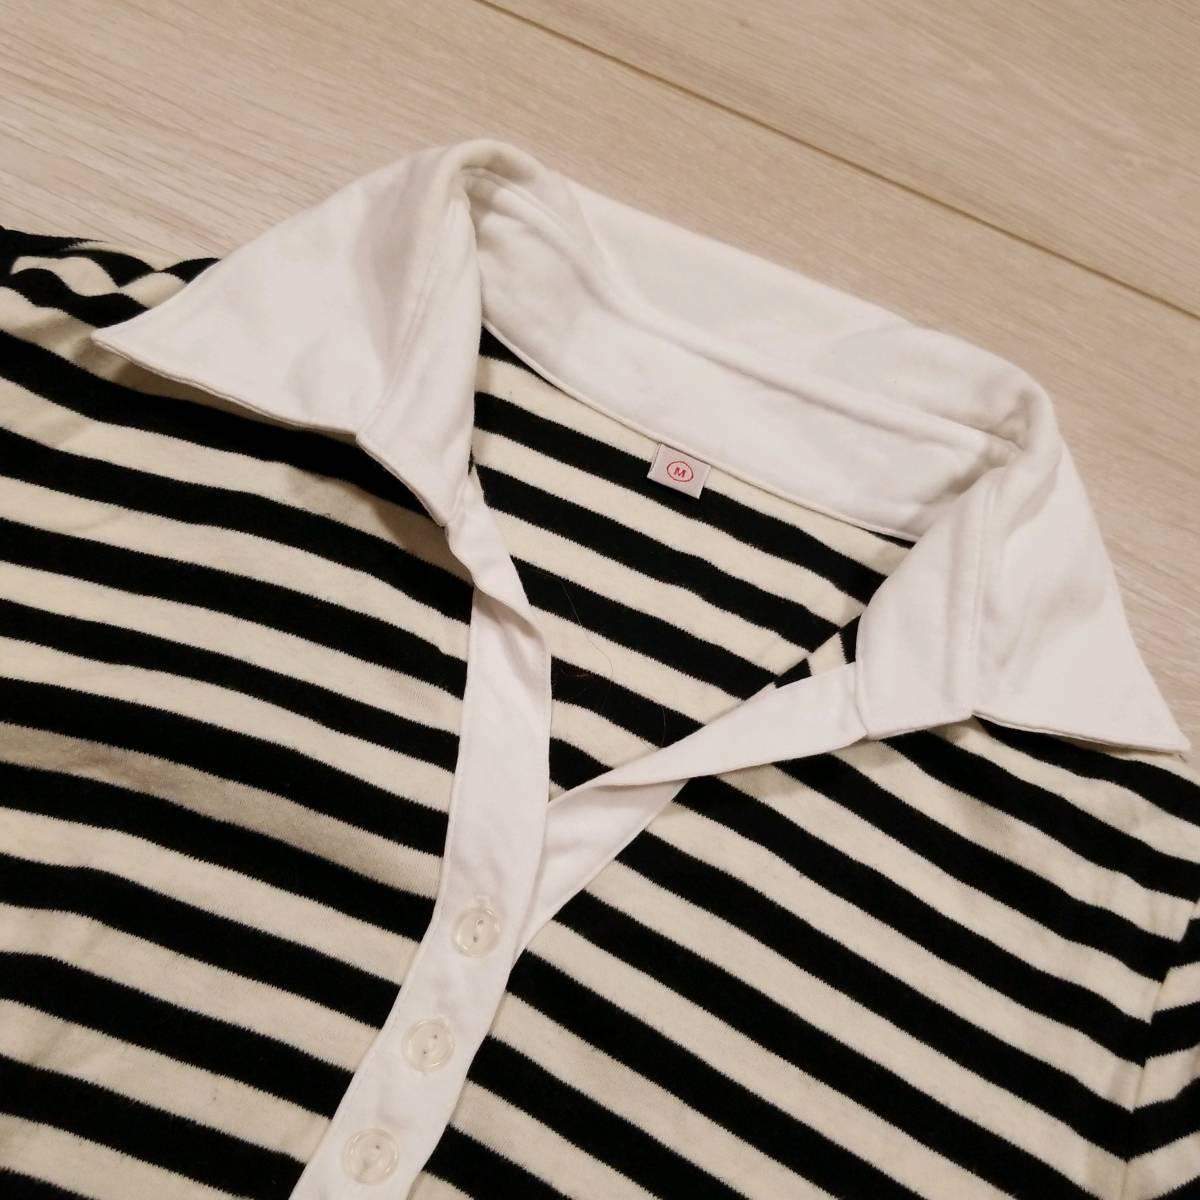 H802 UNIQLO ユニクロ Tシャツ M レディース ポロシャツ カットソー 半袖 ボーダー 黒系 ブラック系 綿100% コットン ..